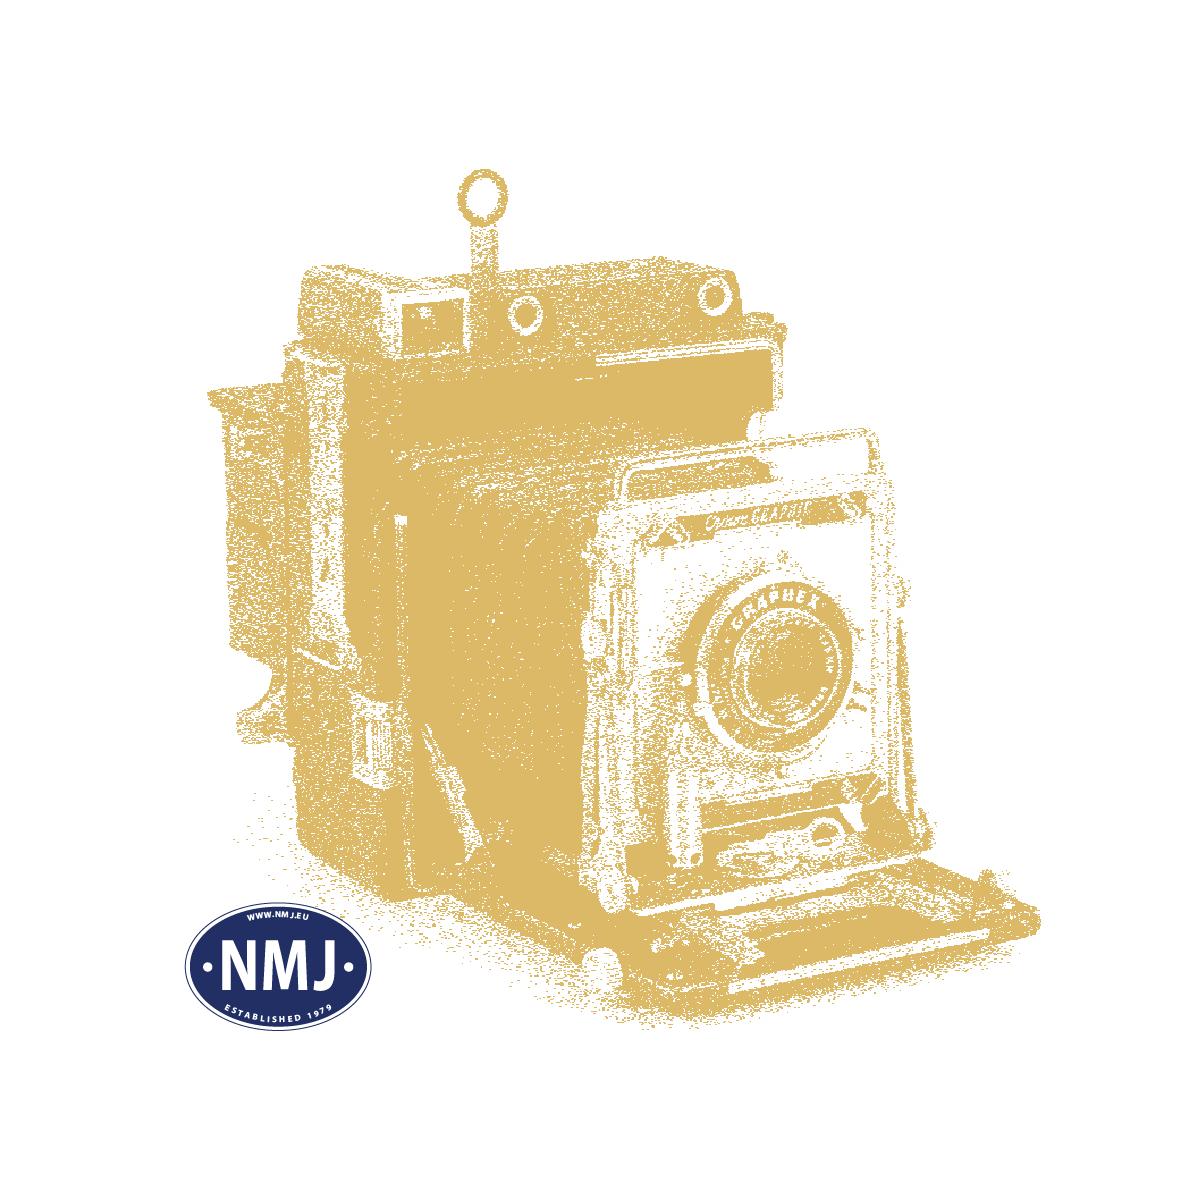 """NMJSHf35598 - NMJ Superline NSB Kühlwagen Hf3 5598, """"Frische Fische aus Norwegen"""""""